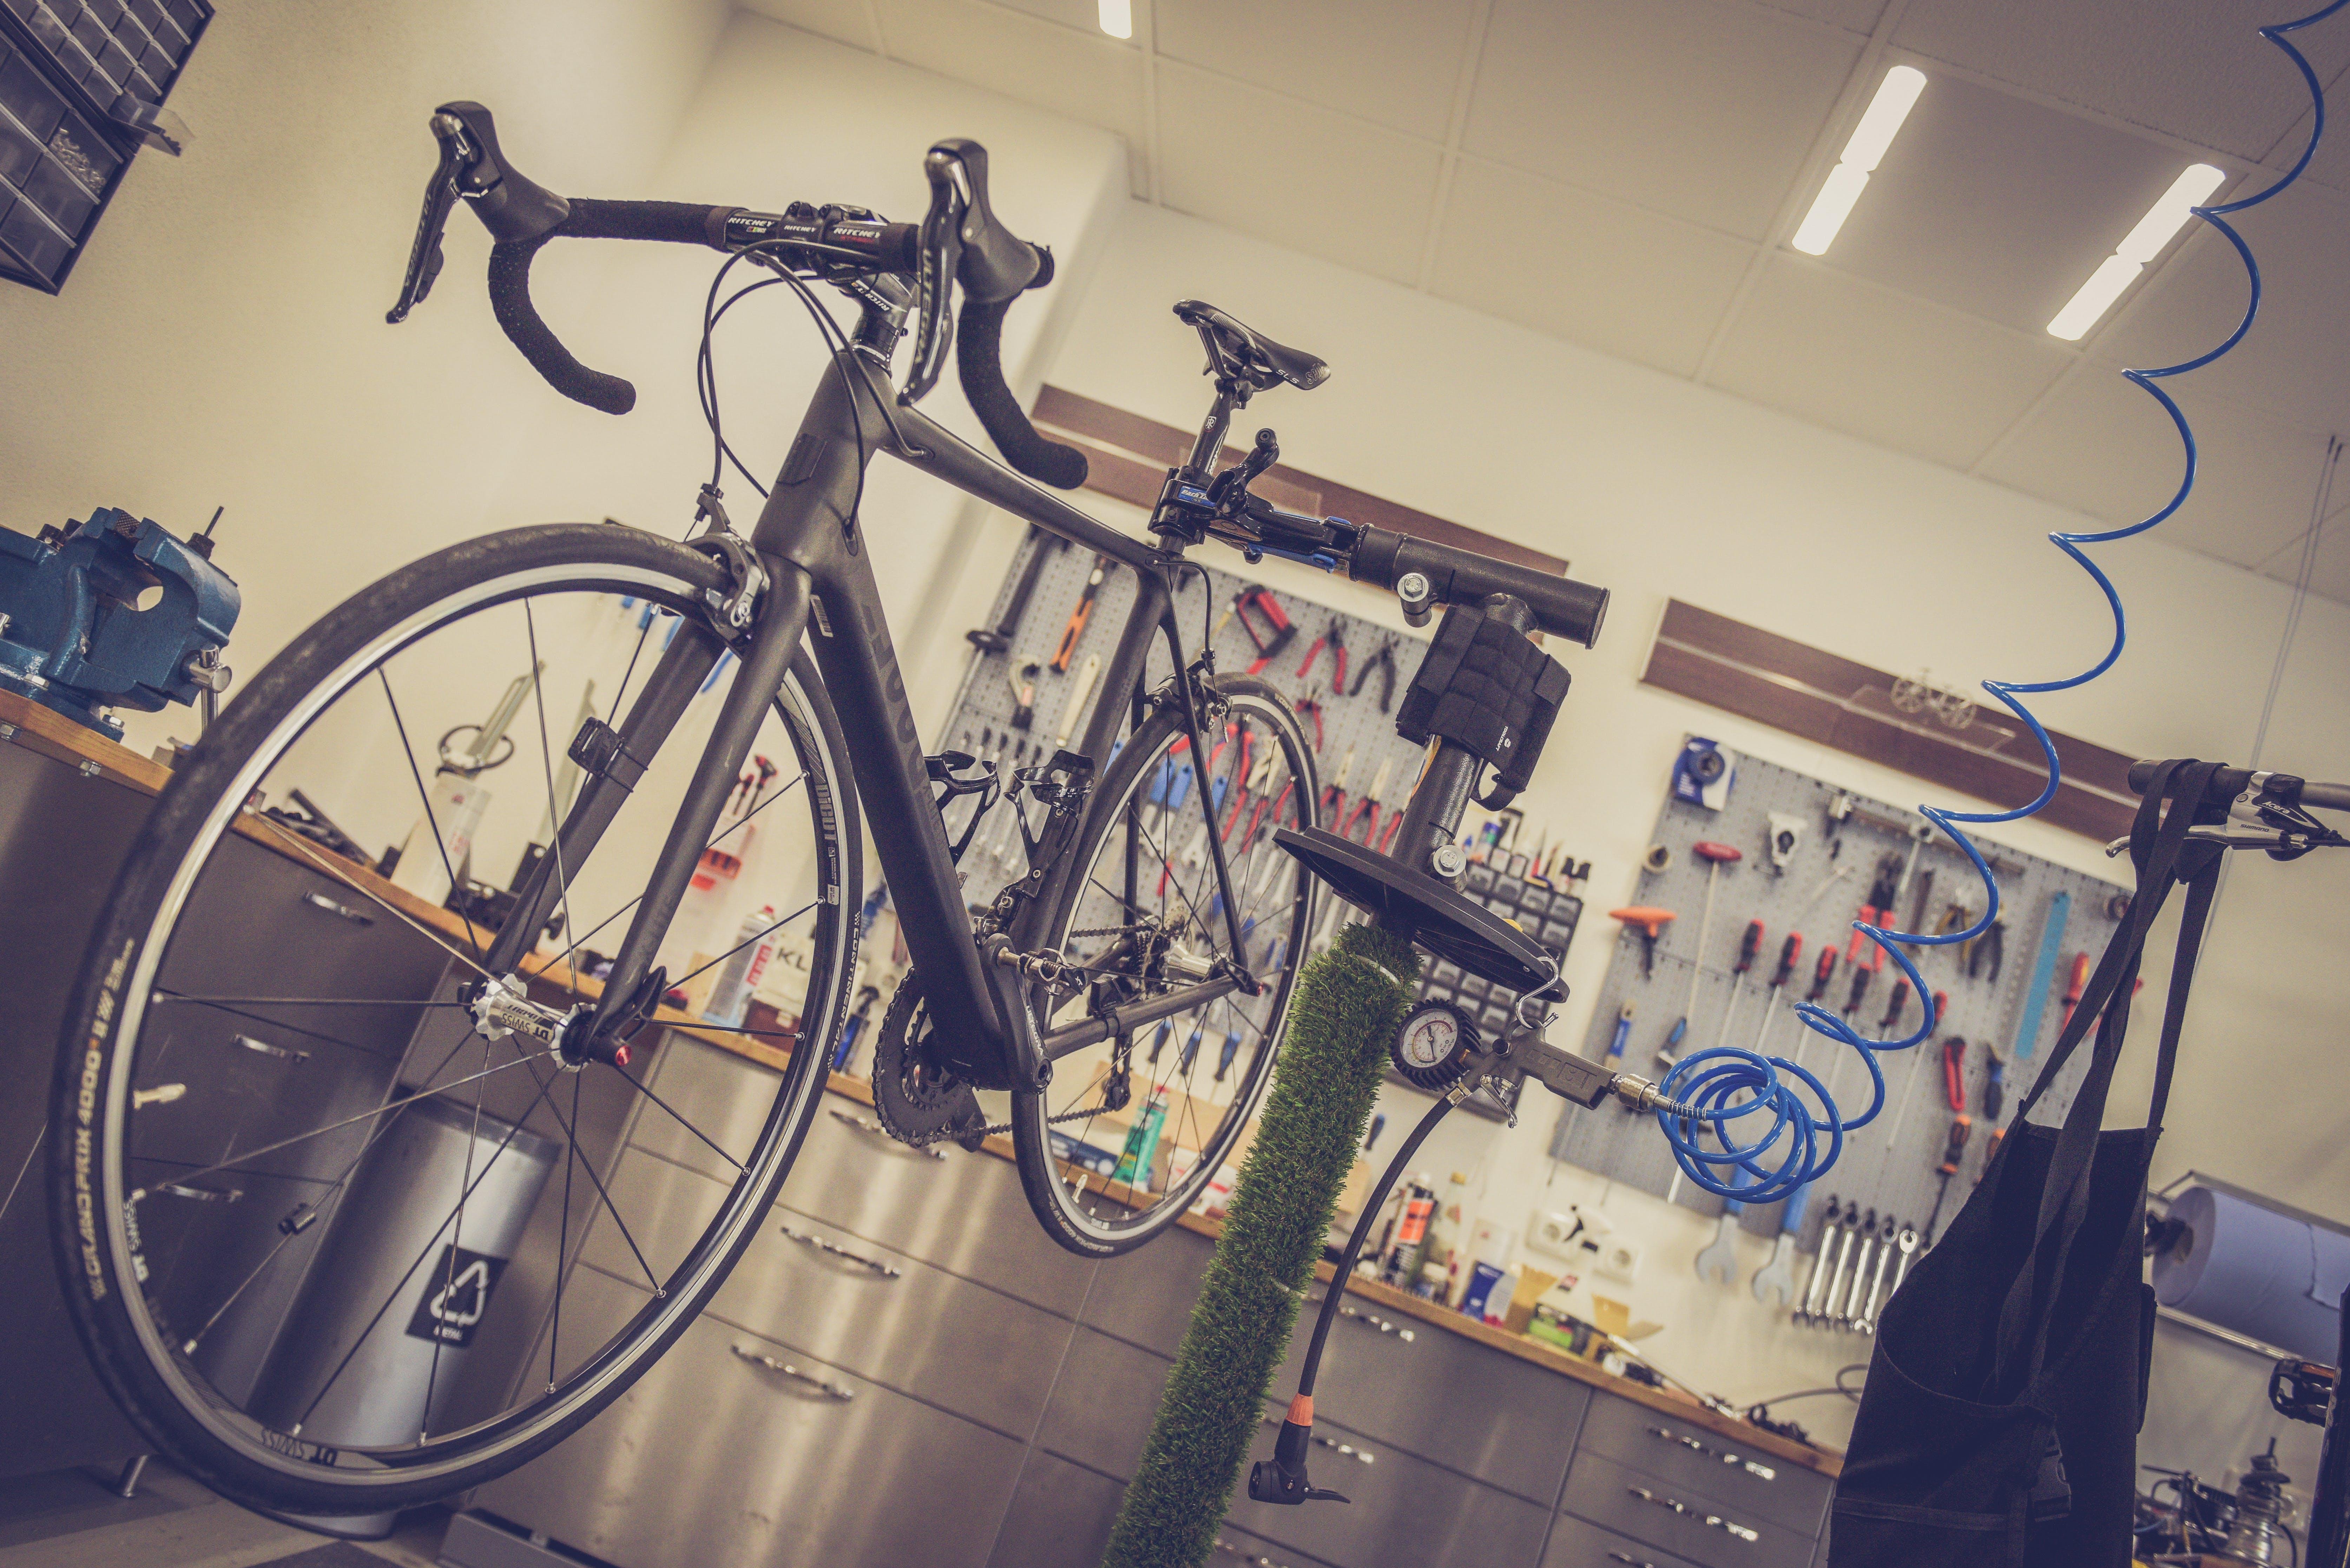 bicycle, bike, repair